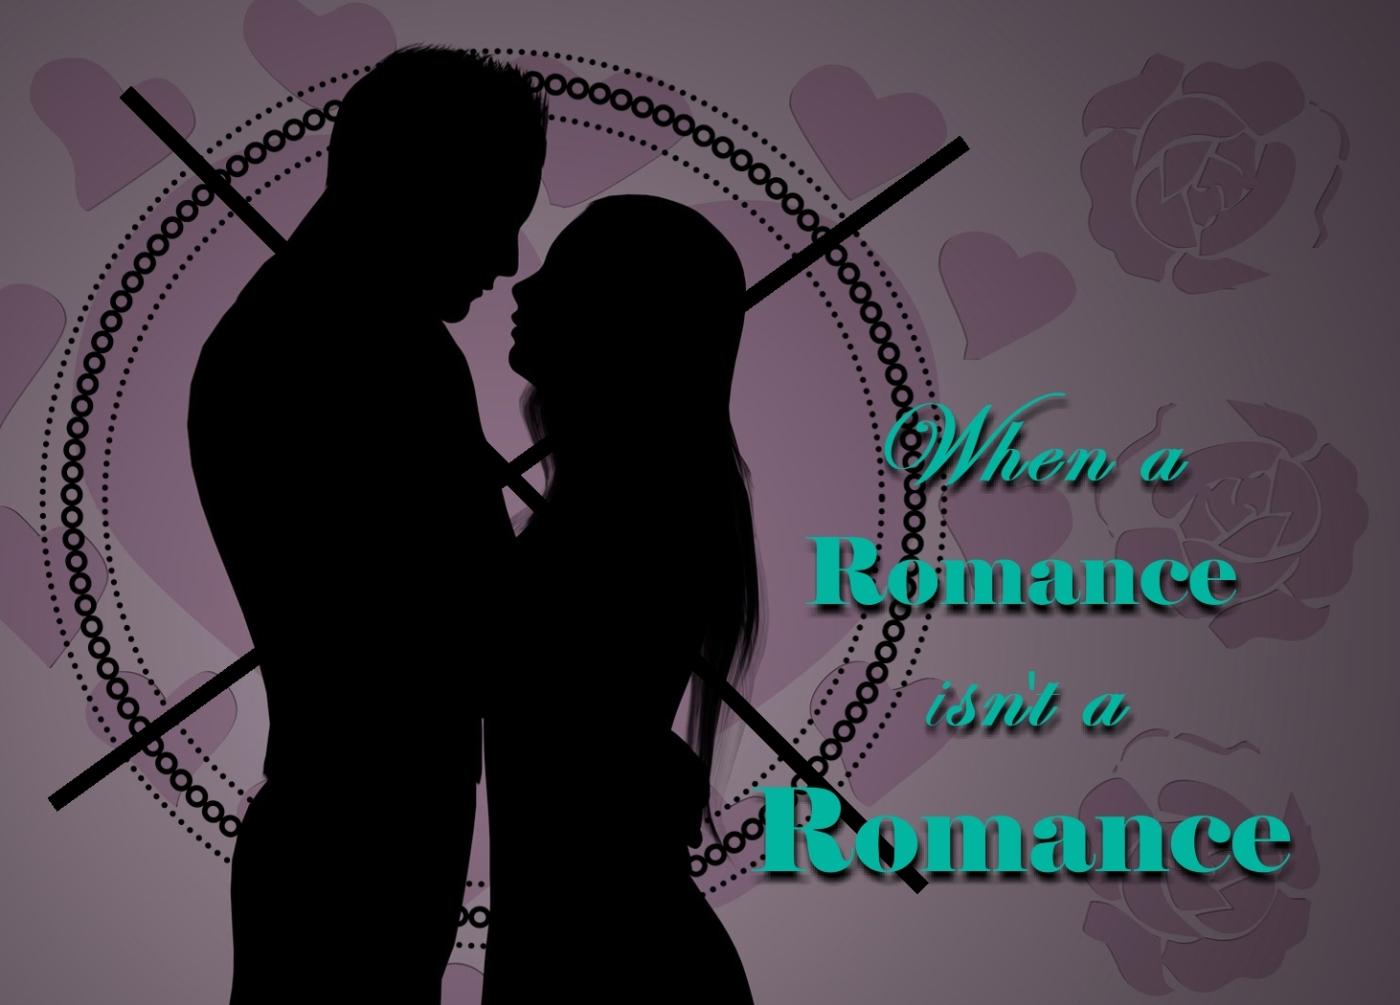 Not a romance-001